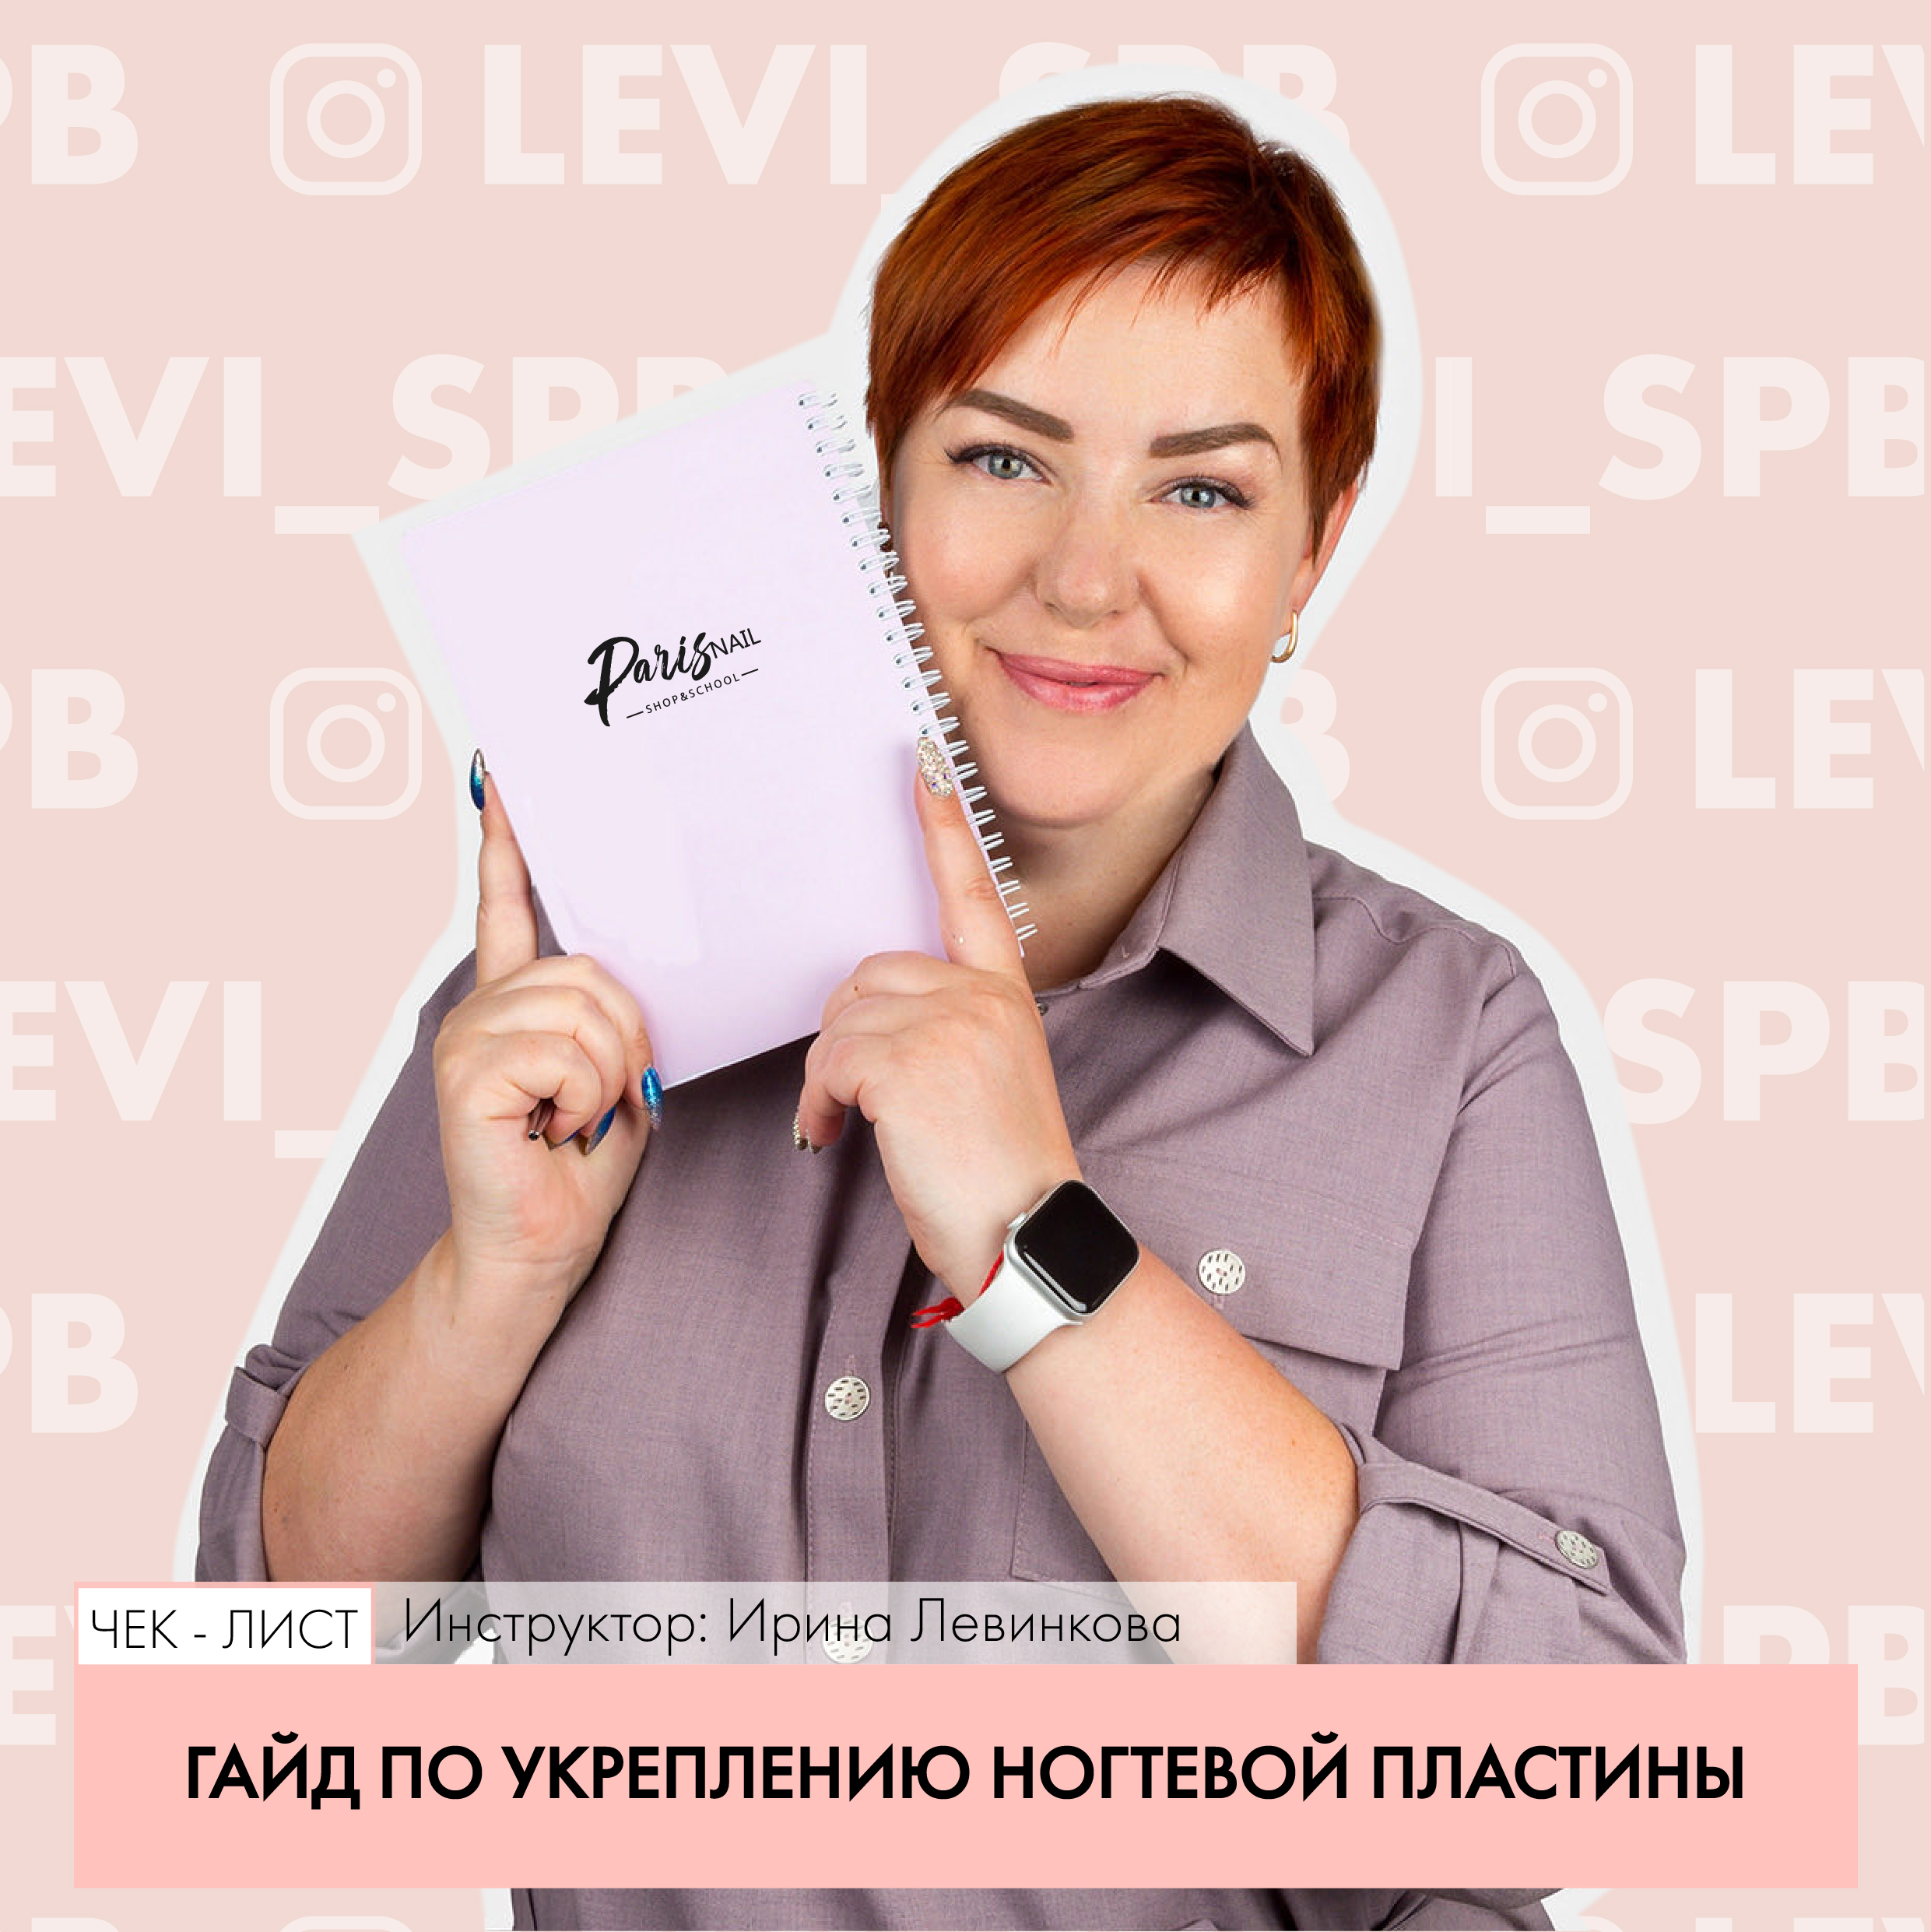 maket_Montazhnaya-oblast-1-kopiya-12_Montazhnaya-oblast-1-kopiya-12.jpg